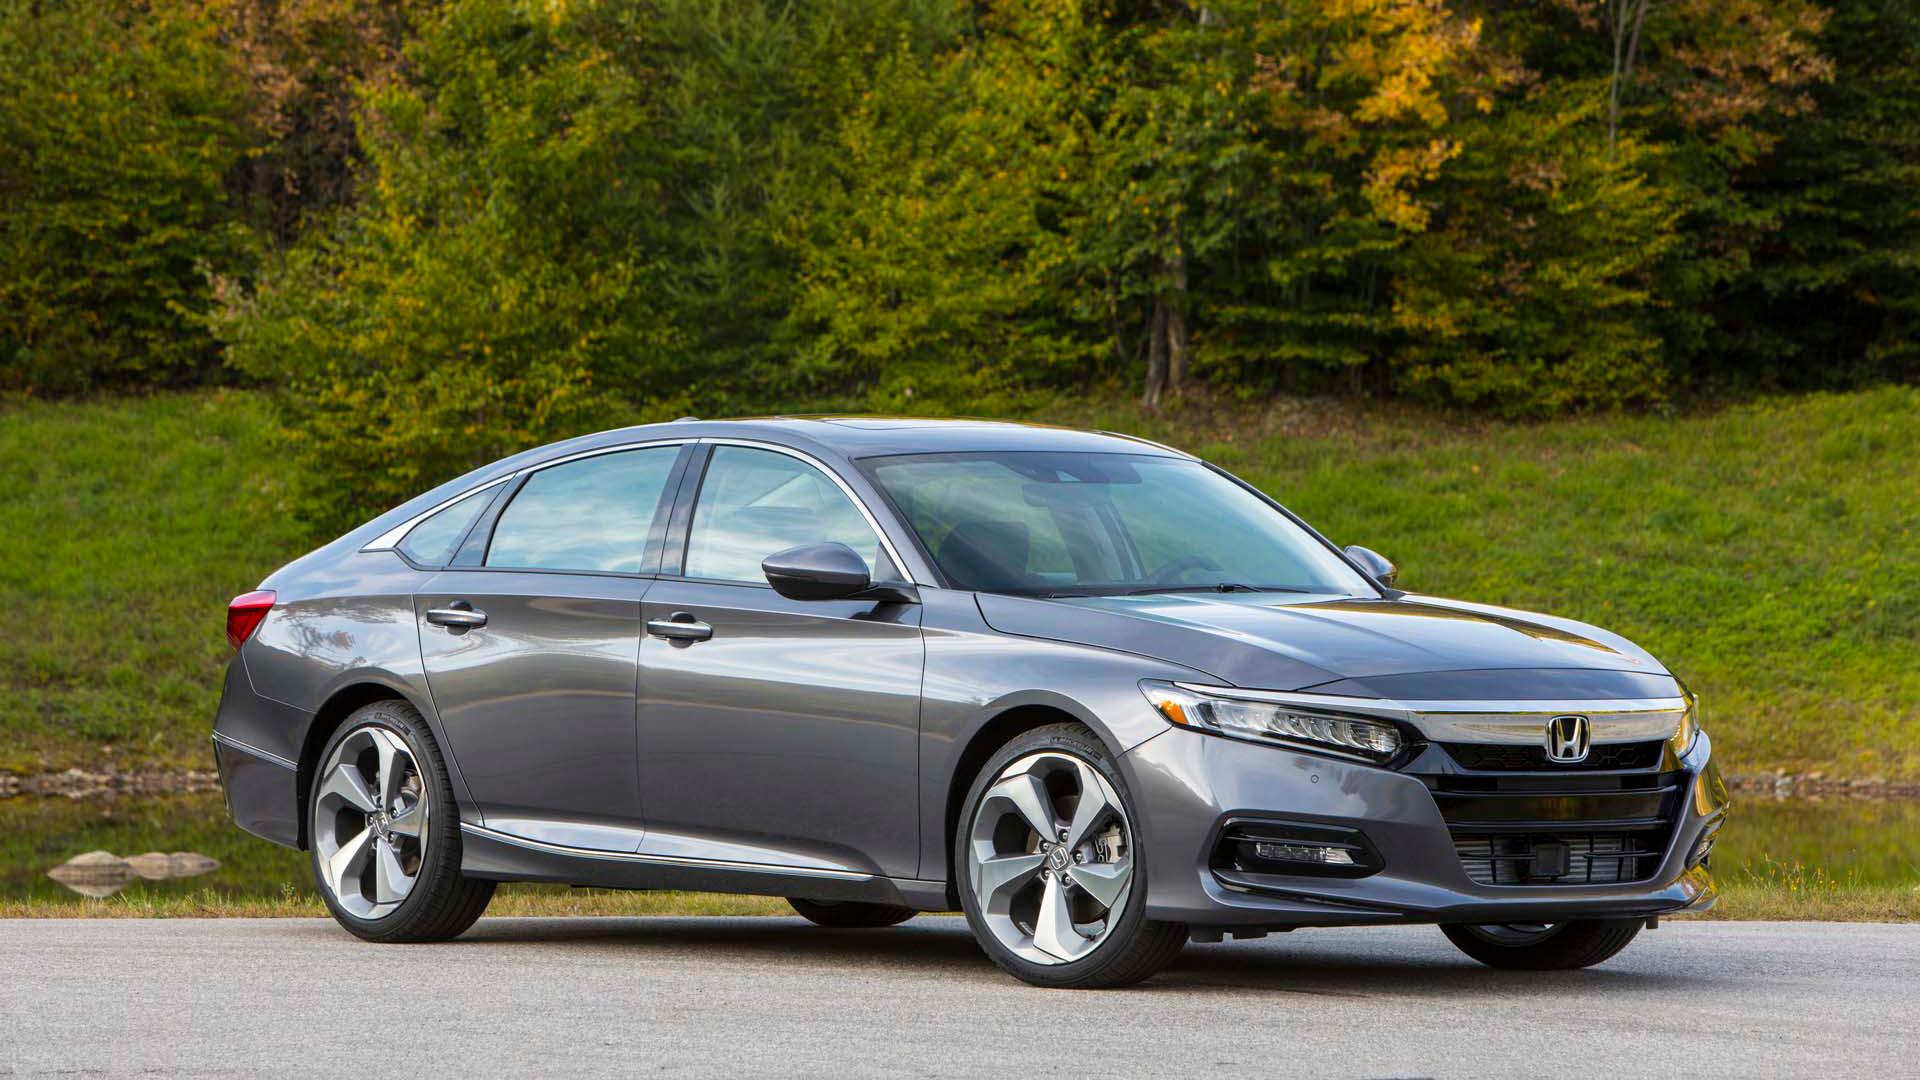 Hàng loạt mẫu xe hot của Honda bị triệu hồi vì lỗi bơm nhiên liệu